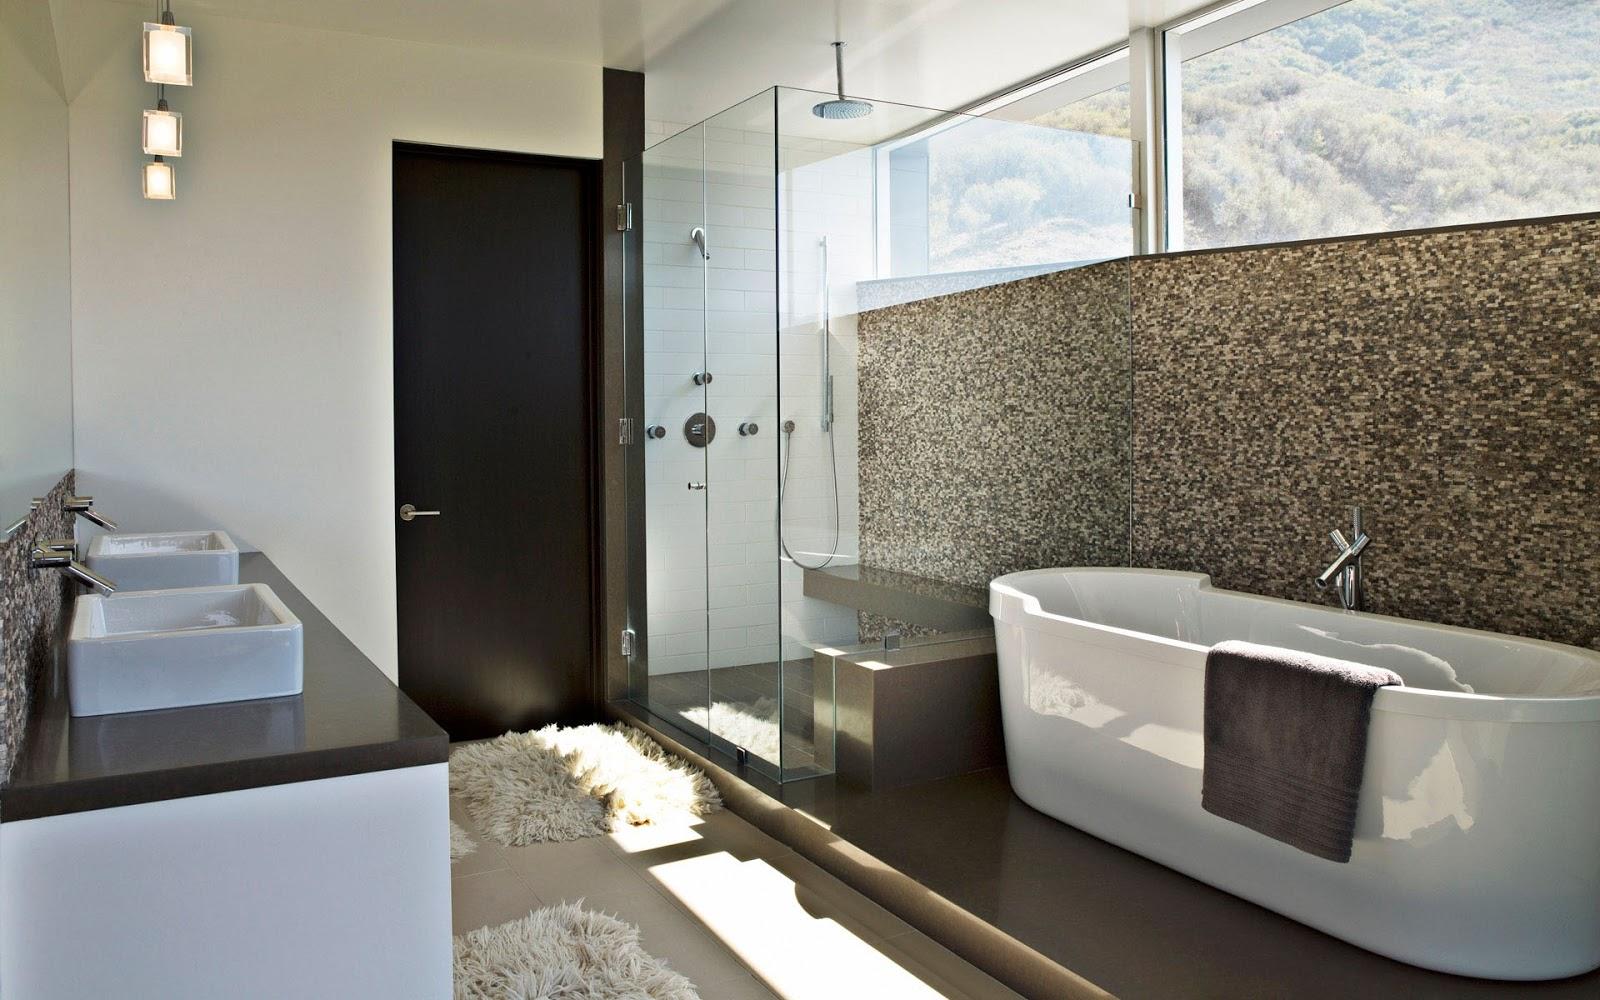 casa de banho moderno 8